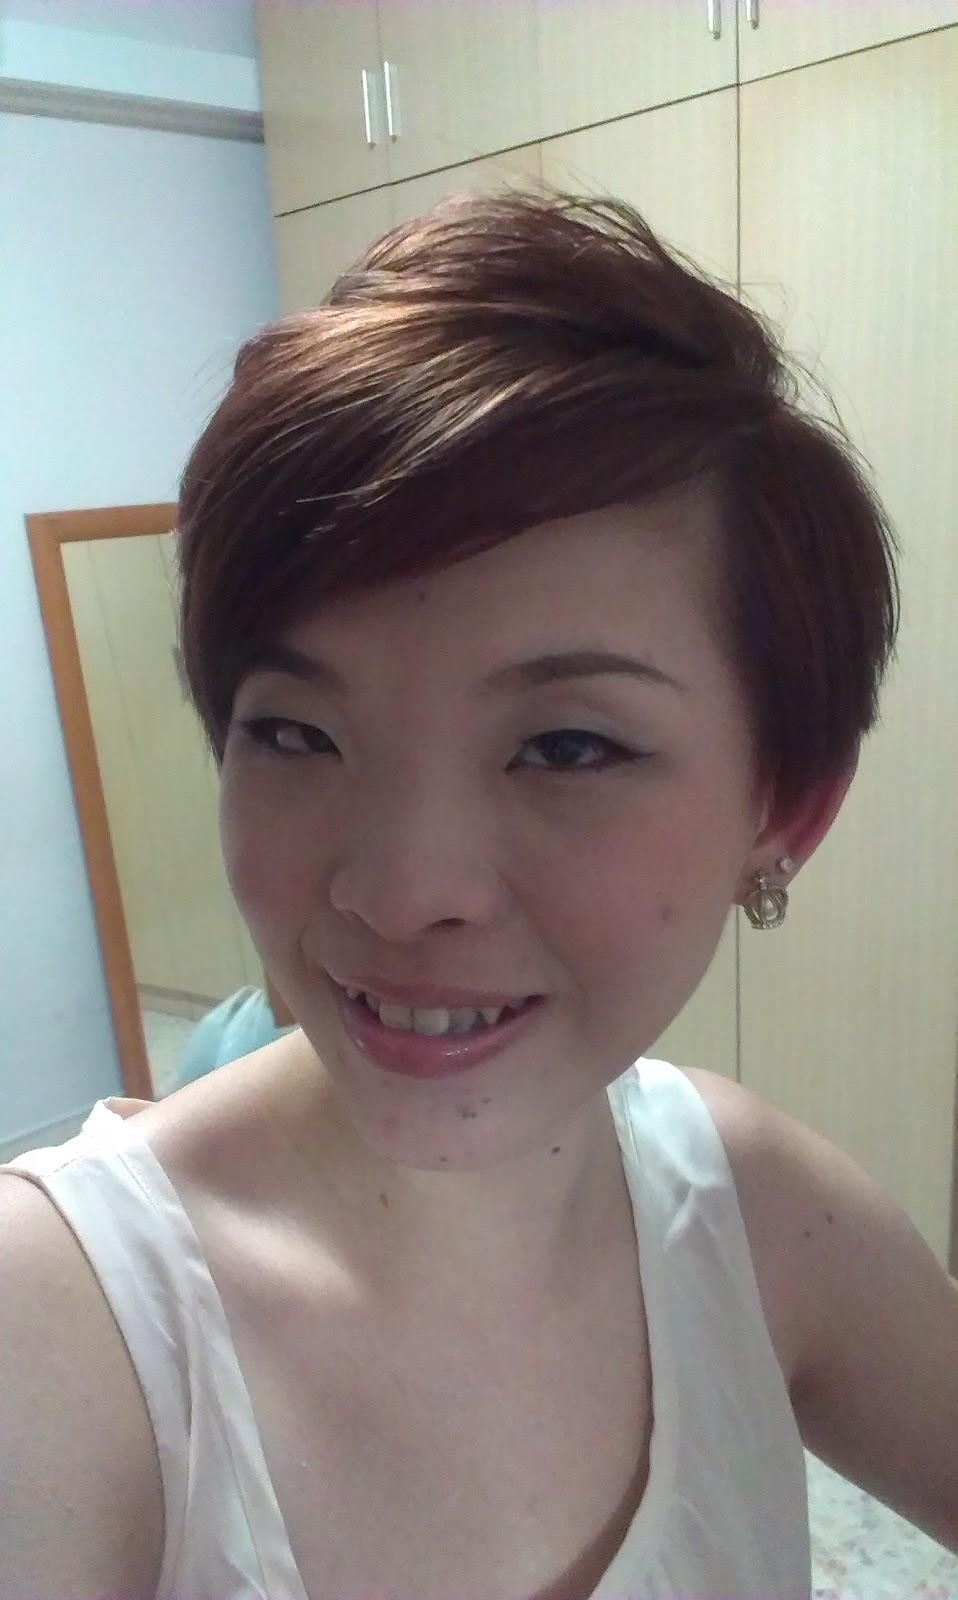 короткая стрижка и необычные черты лица 3